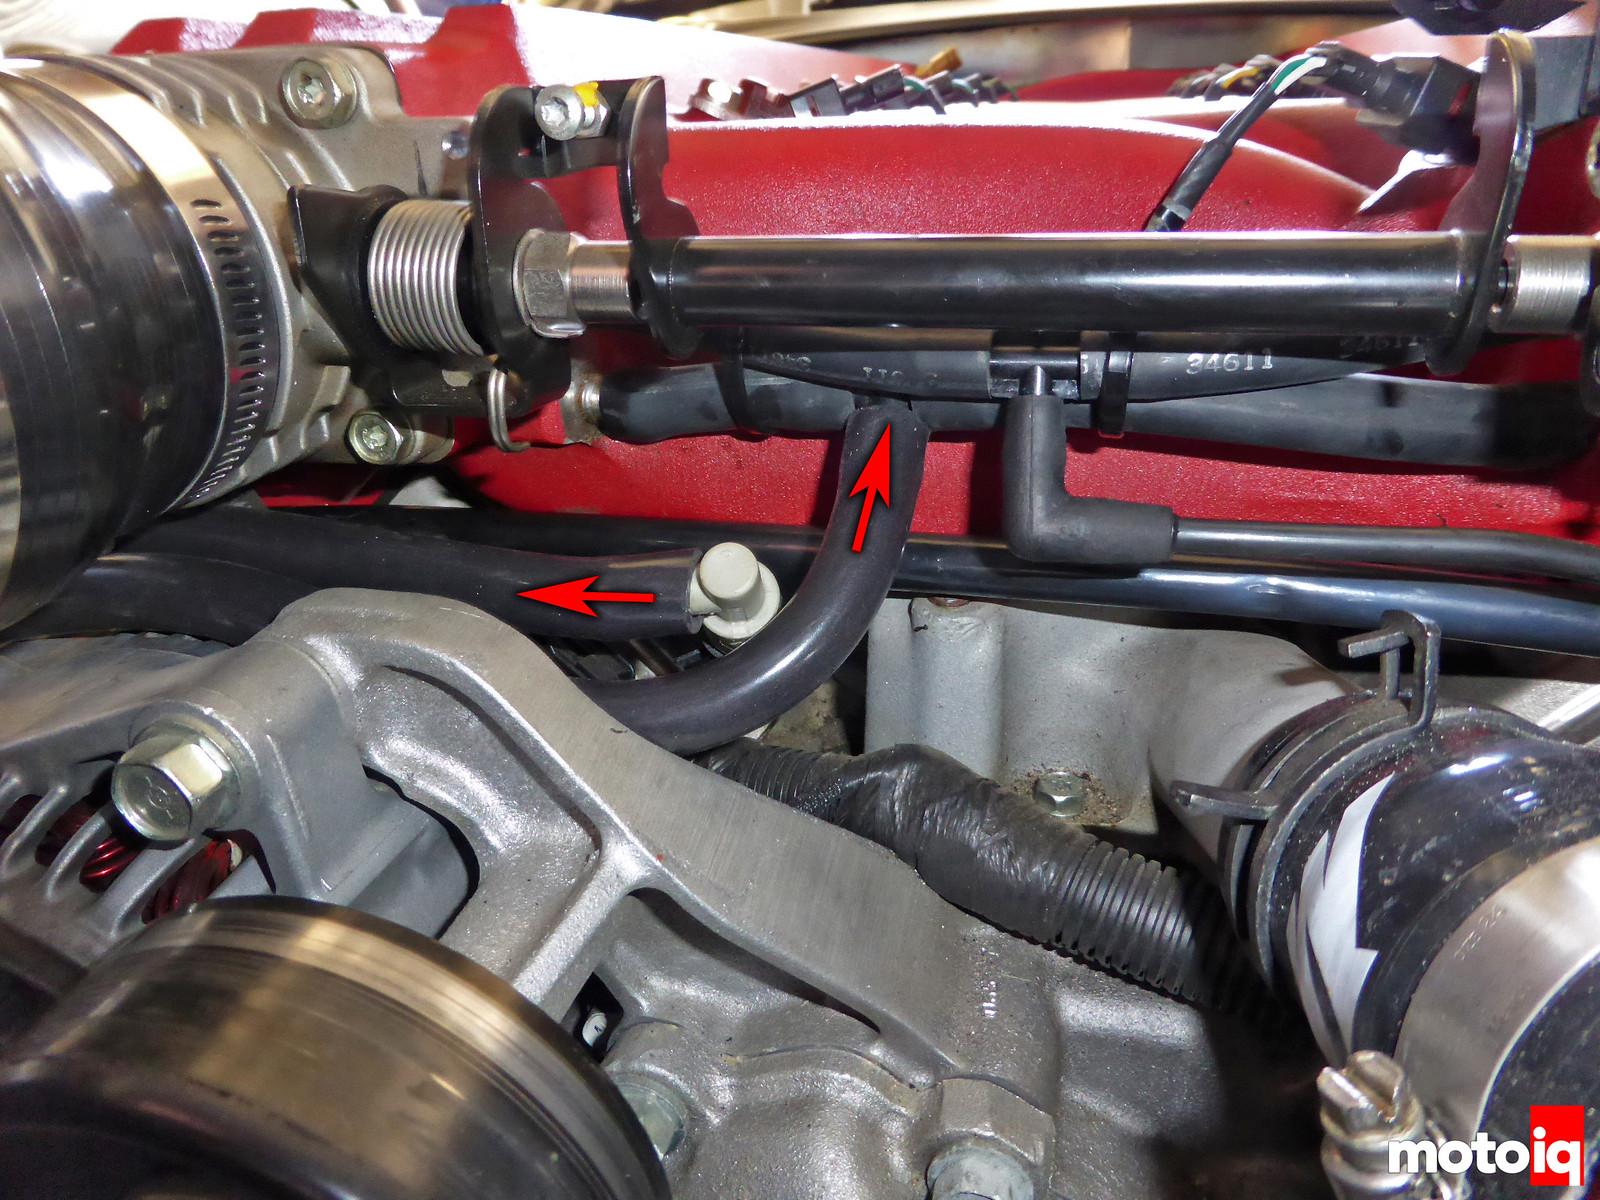 Viper Gen 2 GTS Bob's Oil Separator CCV lines